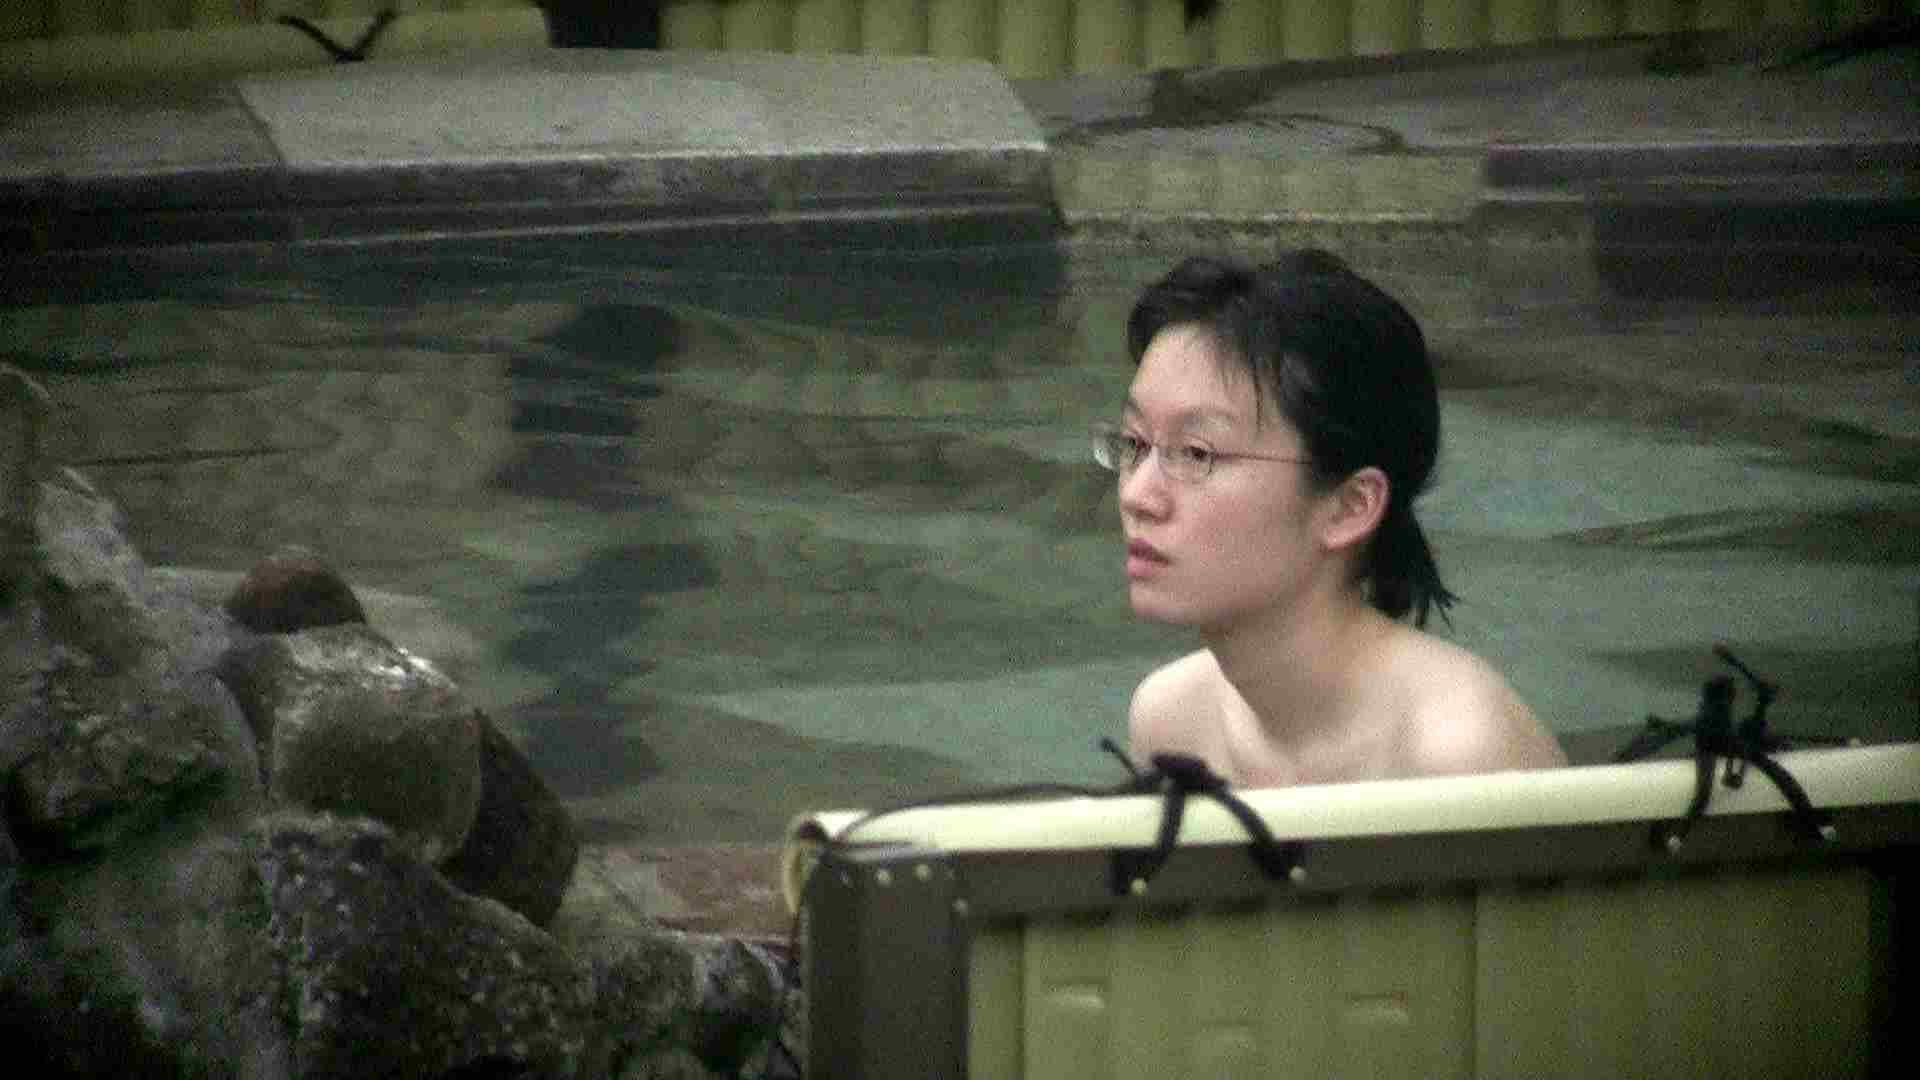 Aquaな露天風呂Vol.684 露天 オマンコ動画キャプチャ 87pic 7